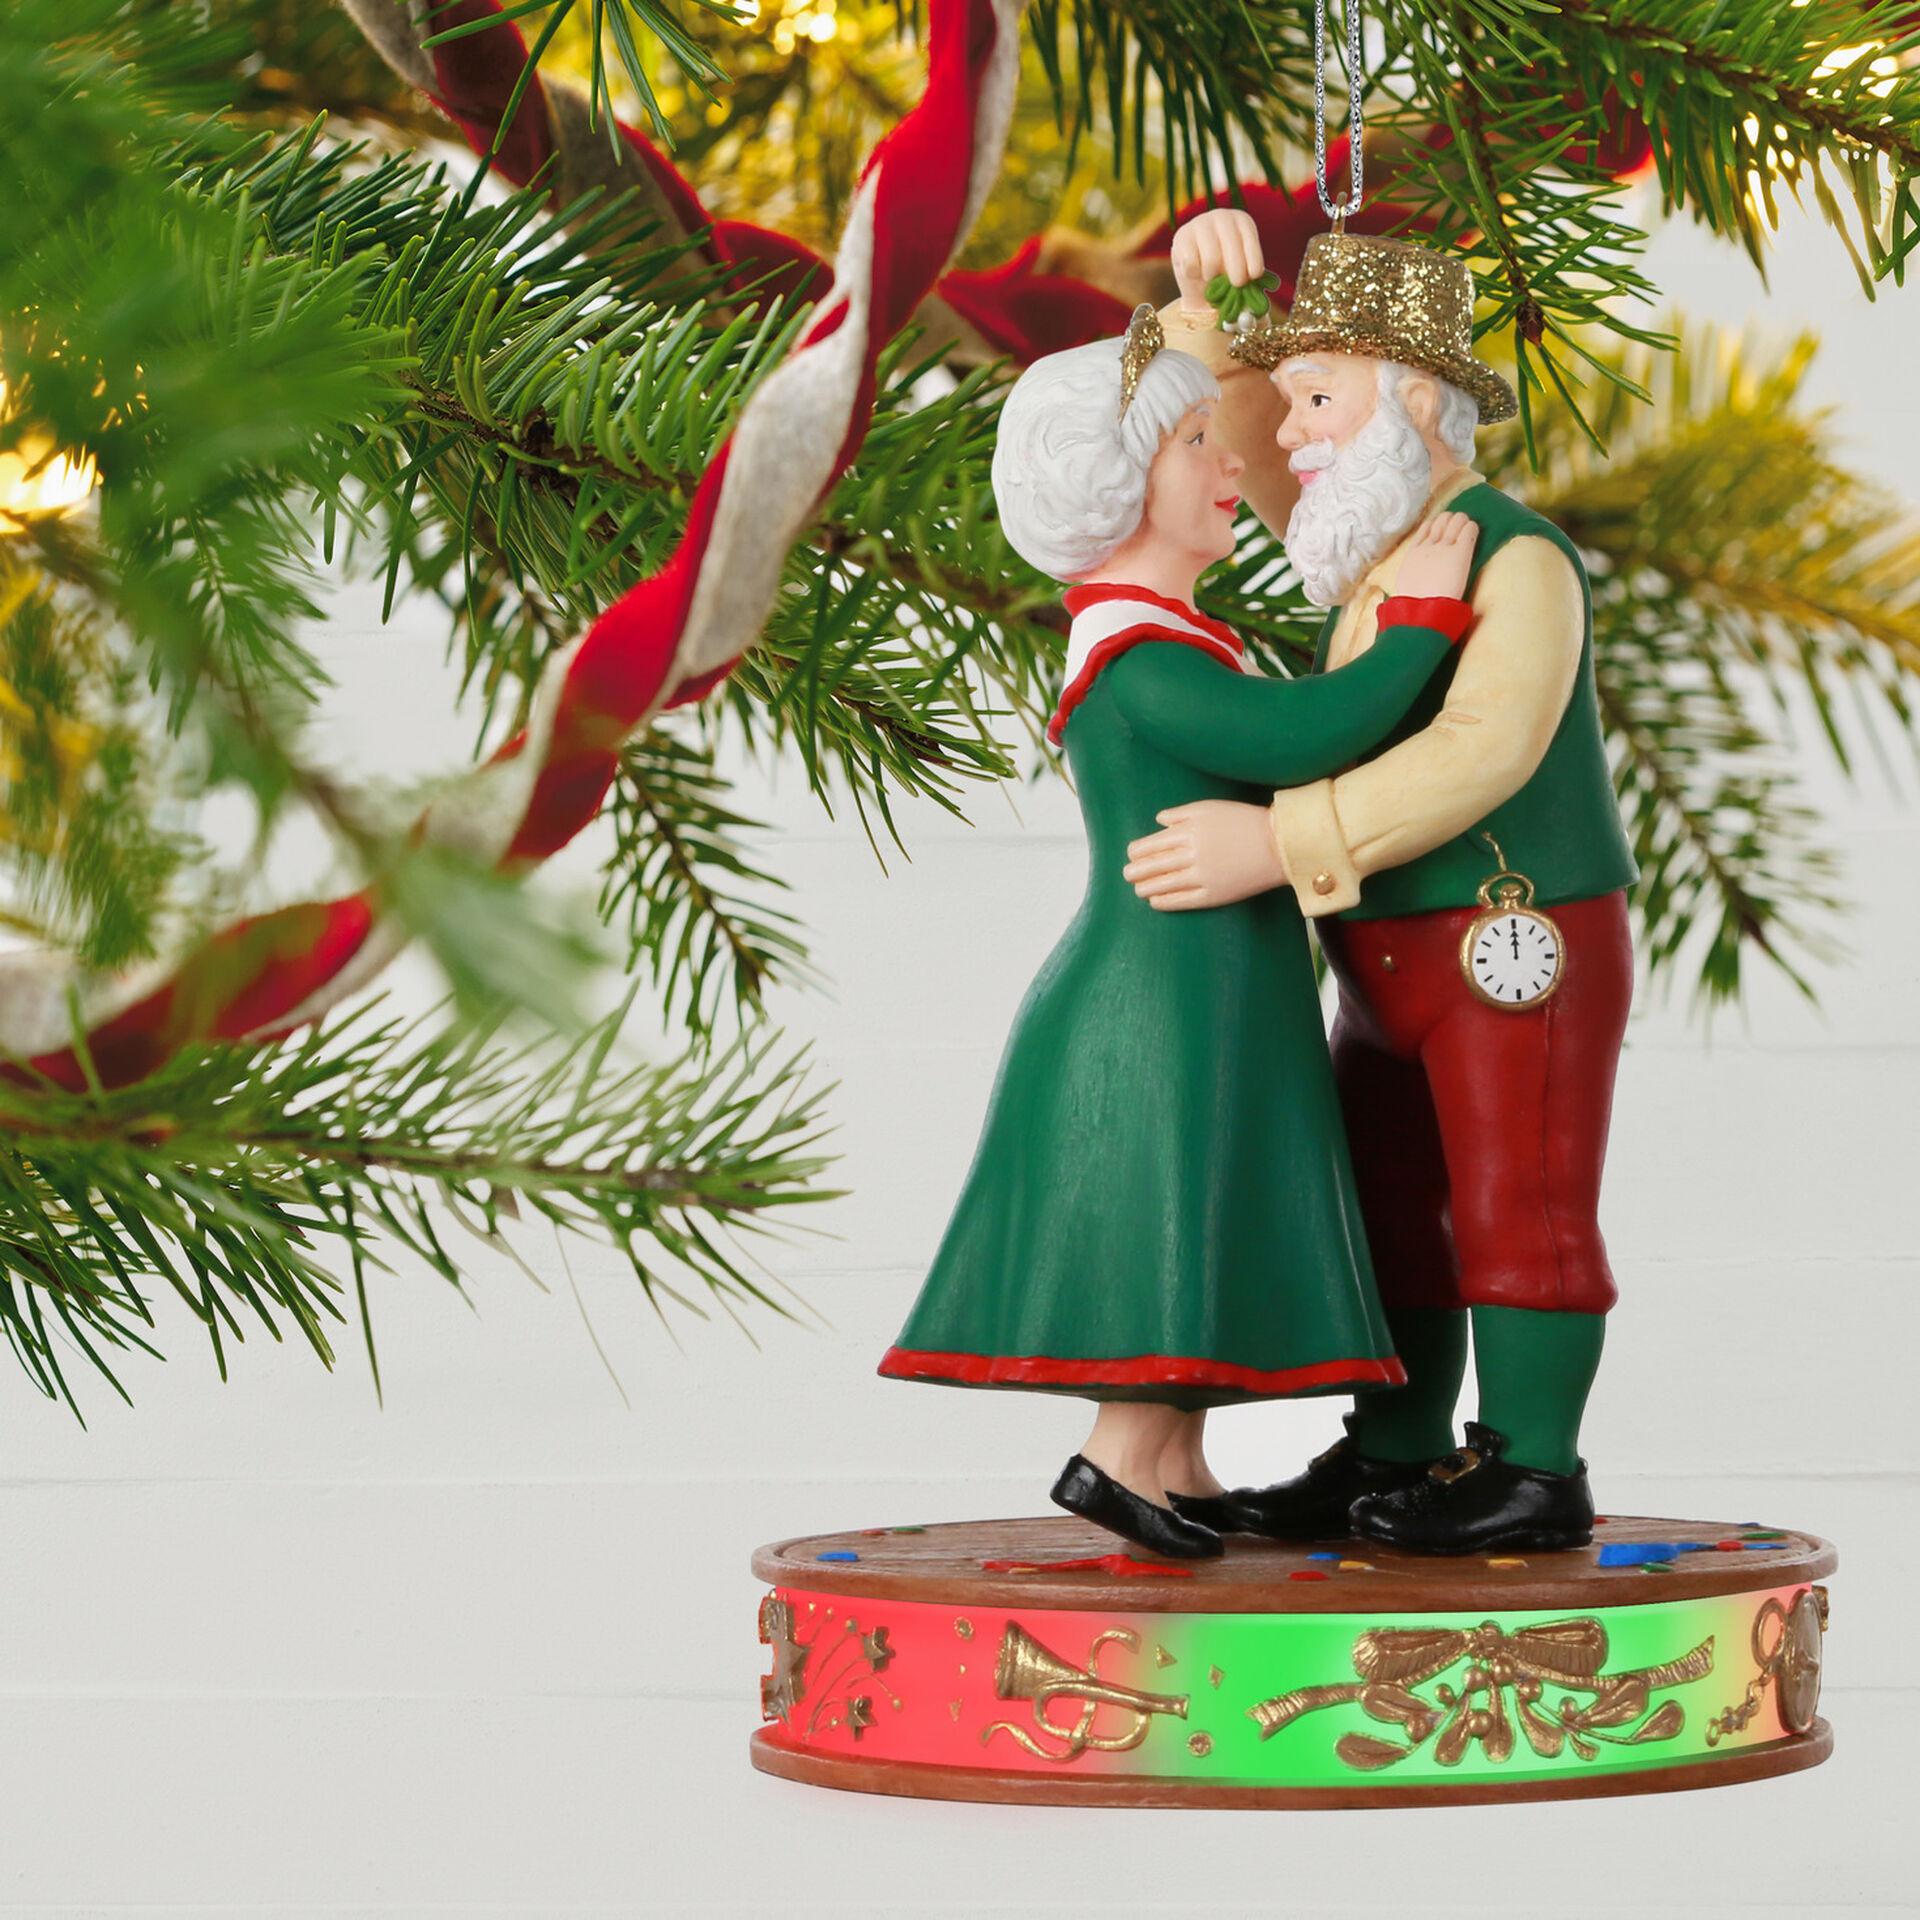 2020 Hallmark A JOB WELL DONE Once Upon A Christmas Santa Ornament NIB FREE SHIP